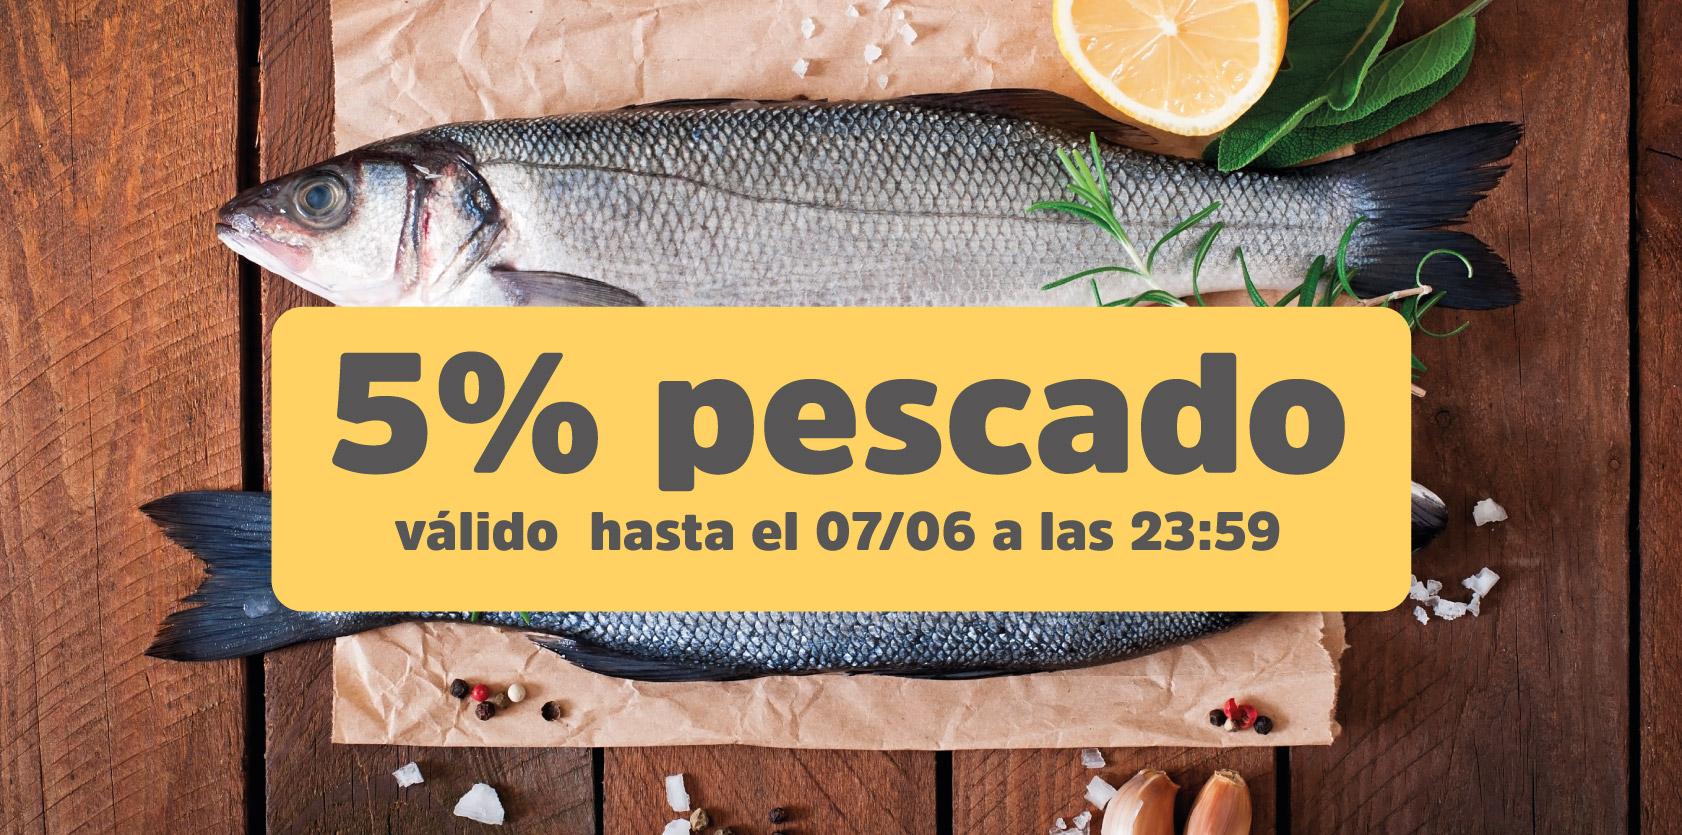 Comprar pescado en nuestra web tiene premio.